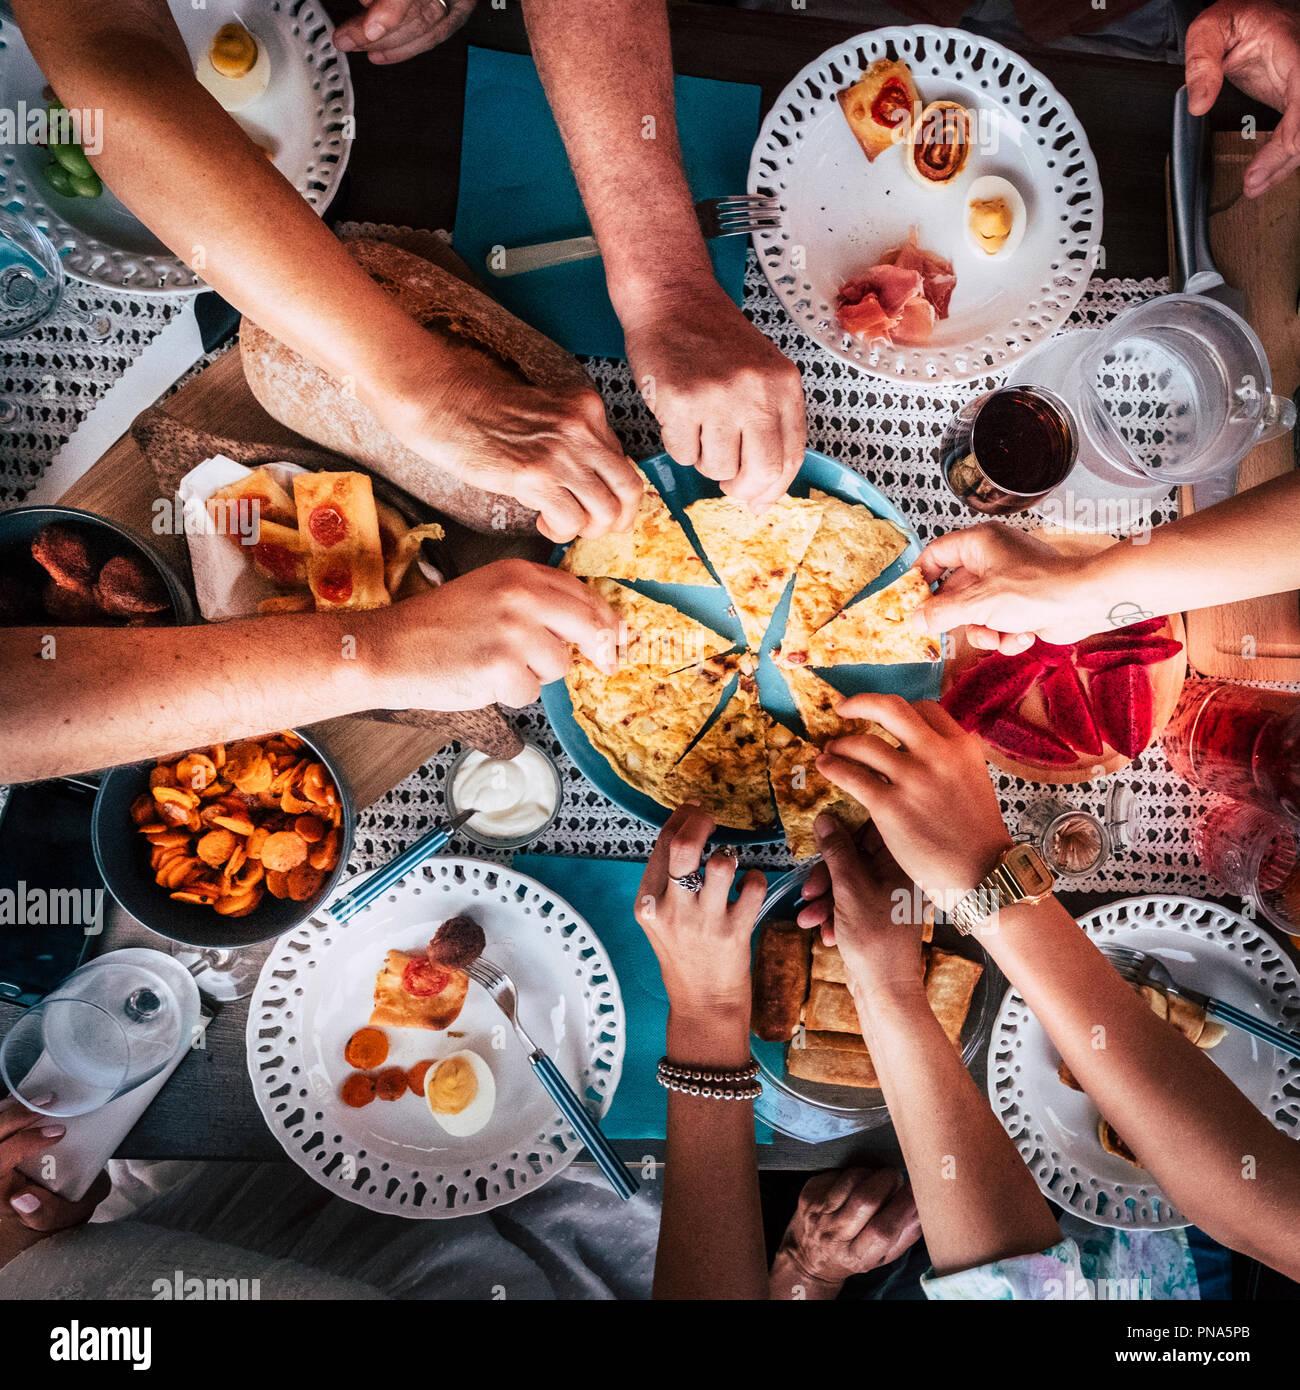 Vista aérea desde la parte superior de la tabla y las manos y un montón de comida y bebidas. Celebración y party concepto imagen. Todas las manos tomando de la misma pla Imagen De Stock